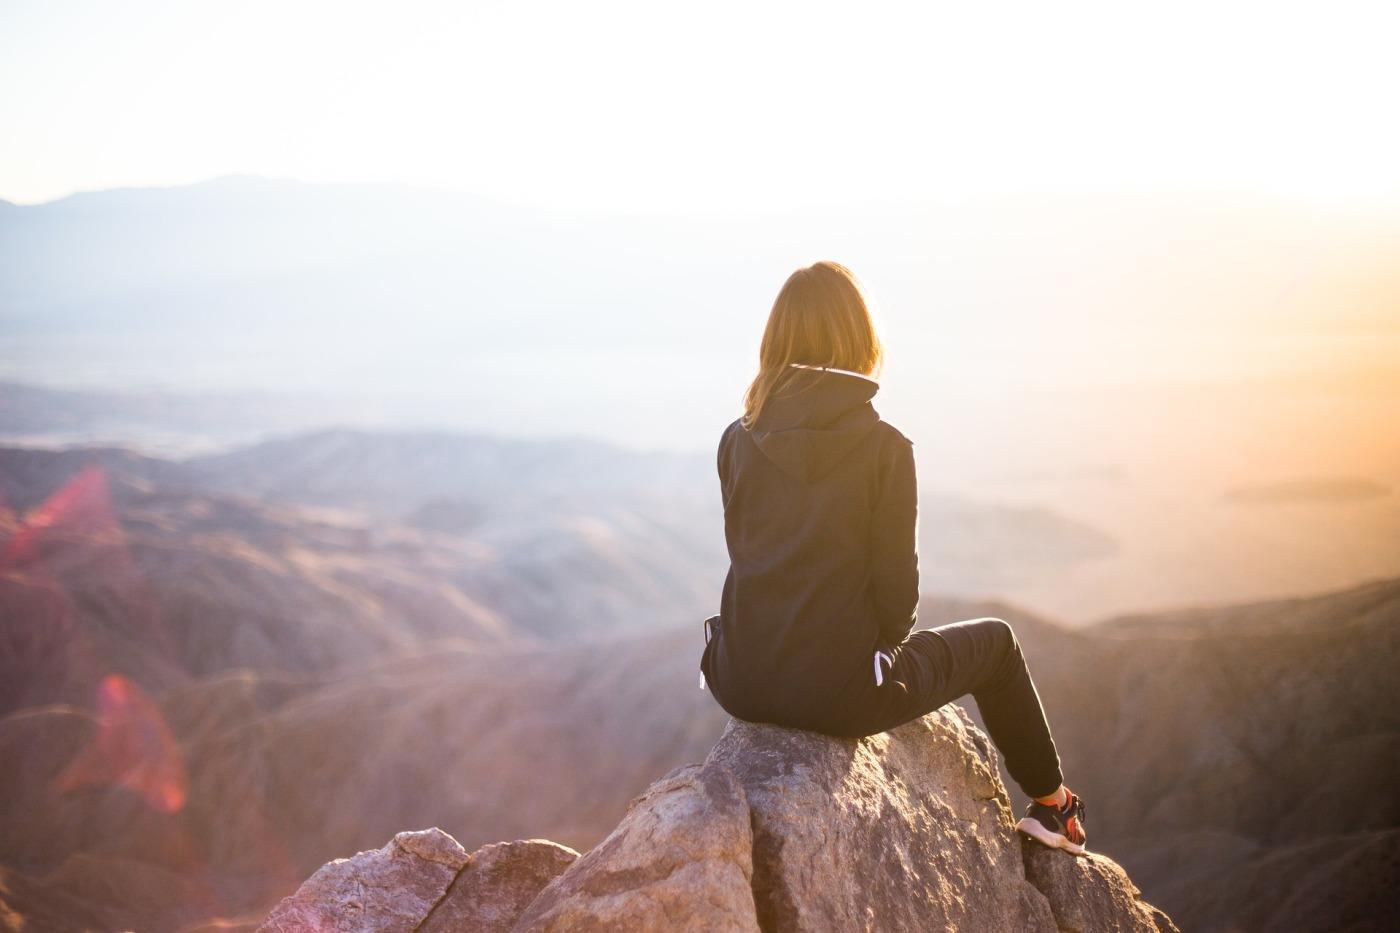 Thinking - Changing your mindset